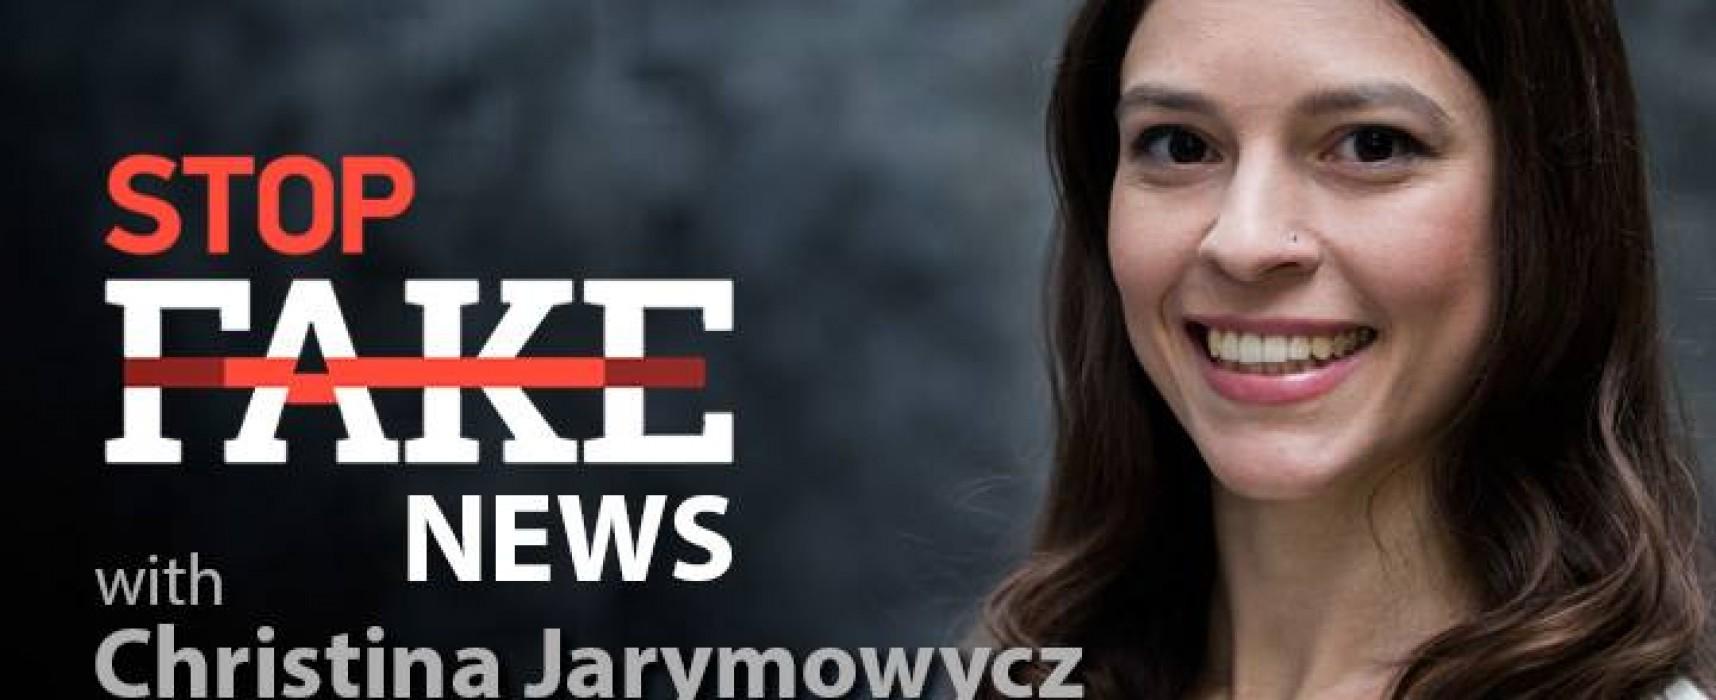 StopFakeNews #62 with Christina Jarymowycz